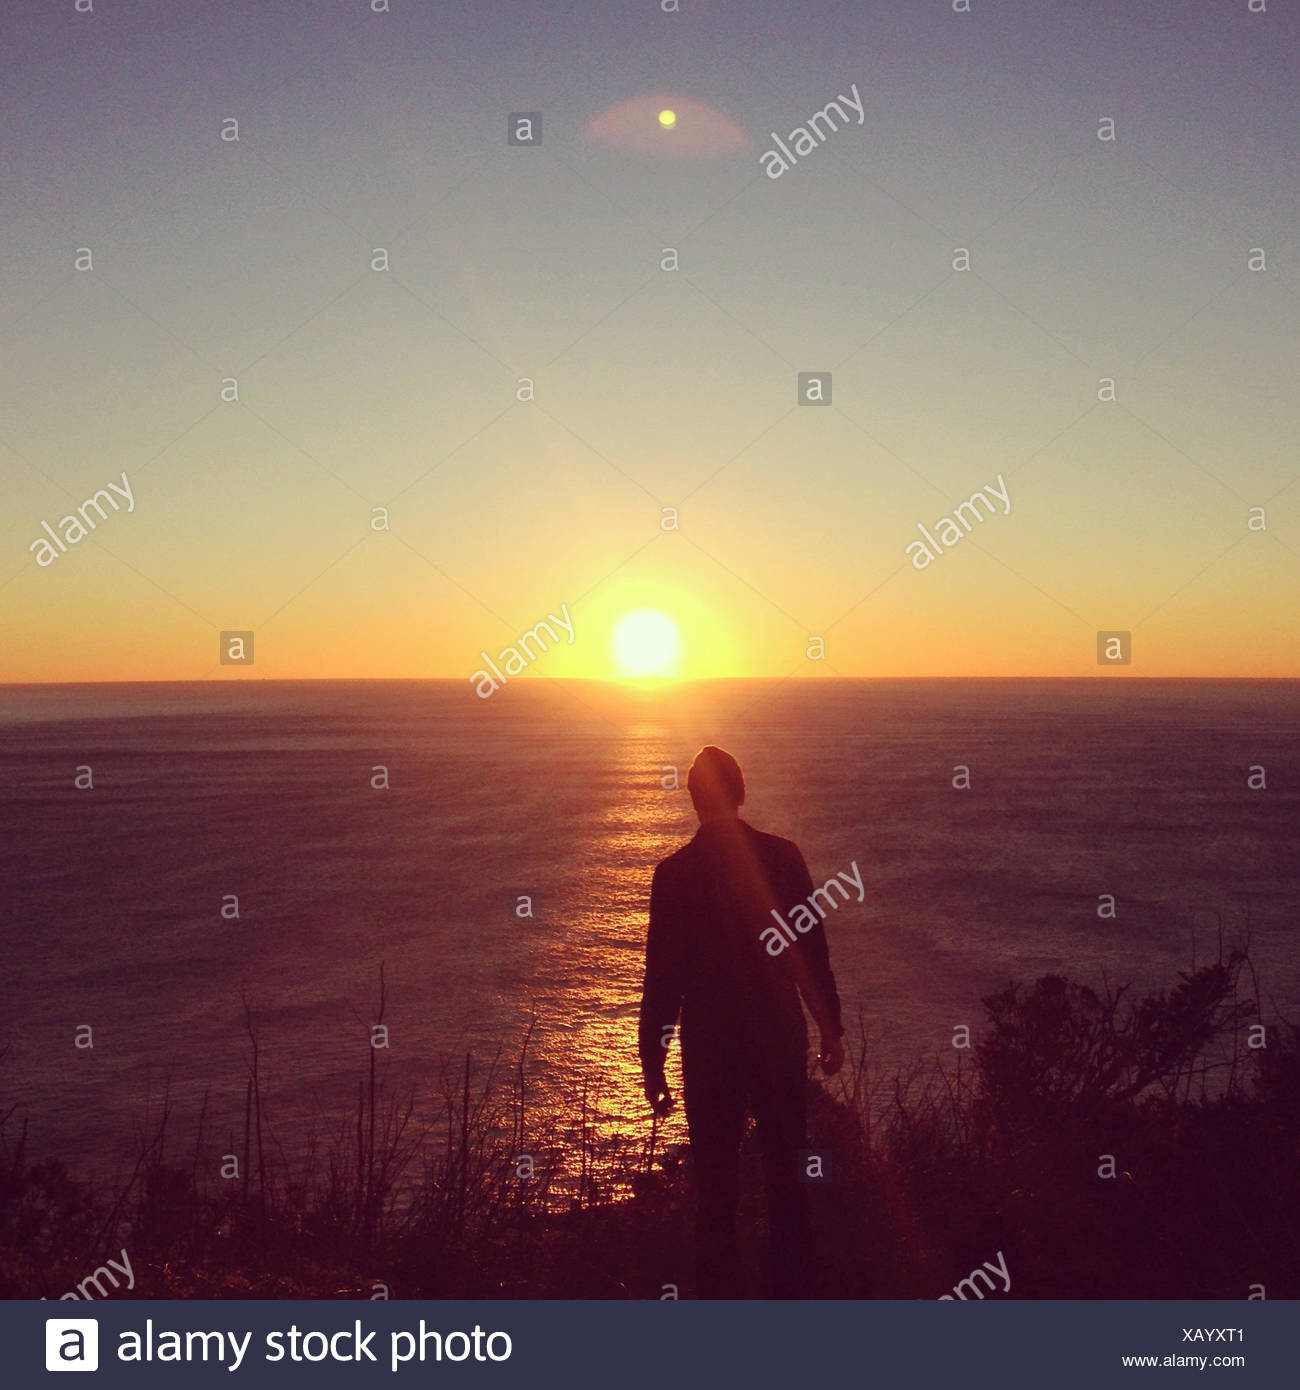 Hombre mirando vista del atardecer, Muir Beach, California, Estados Unidos, EE.UU. Imagen De Stock